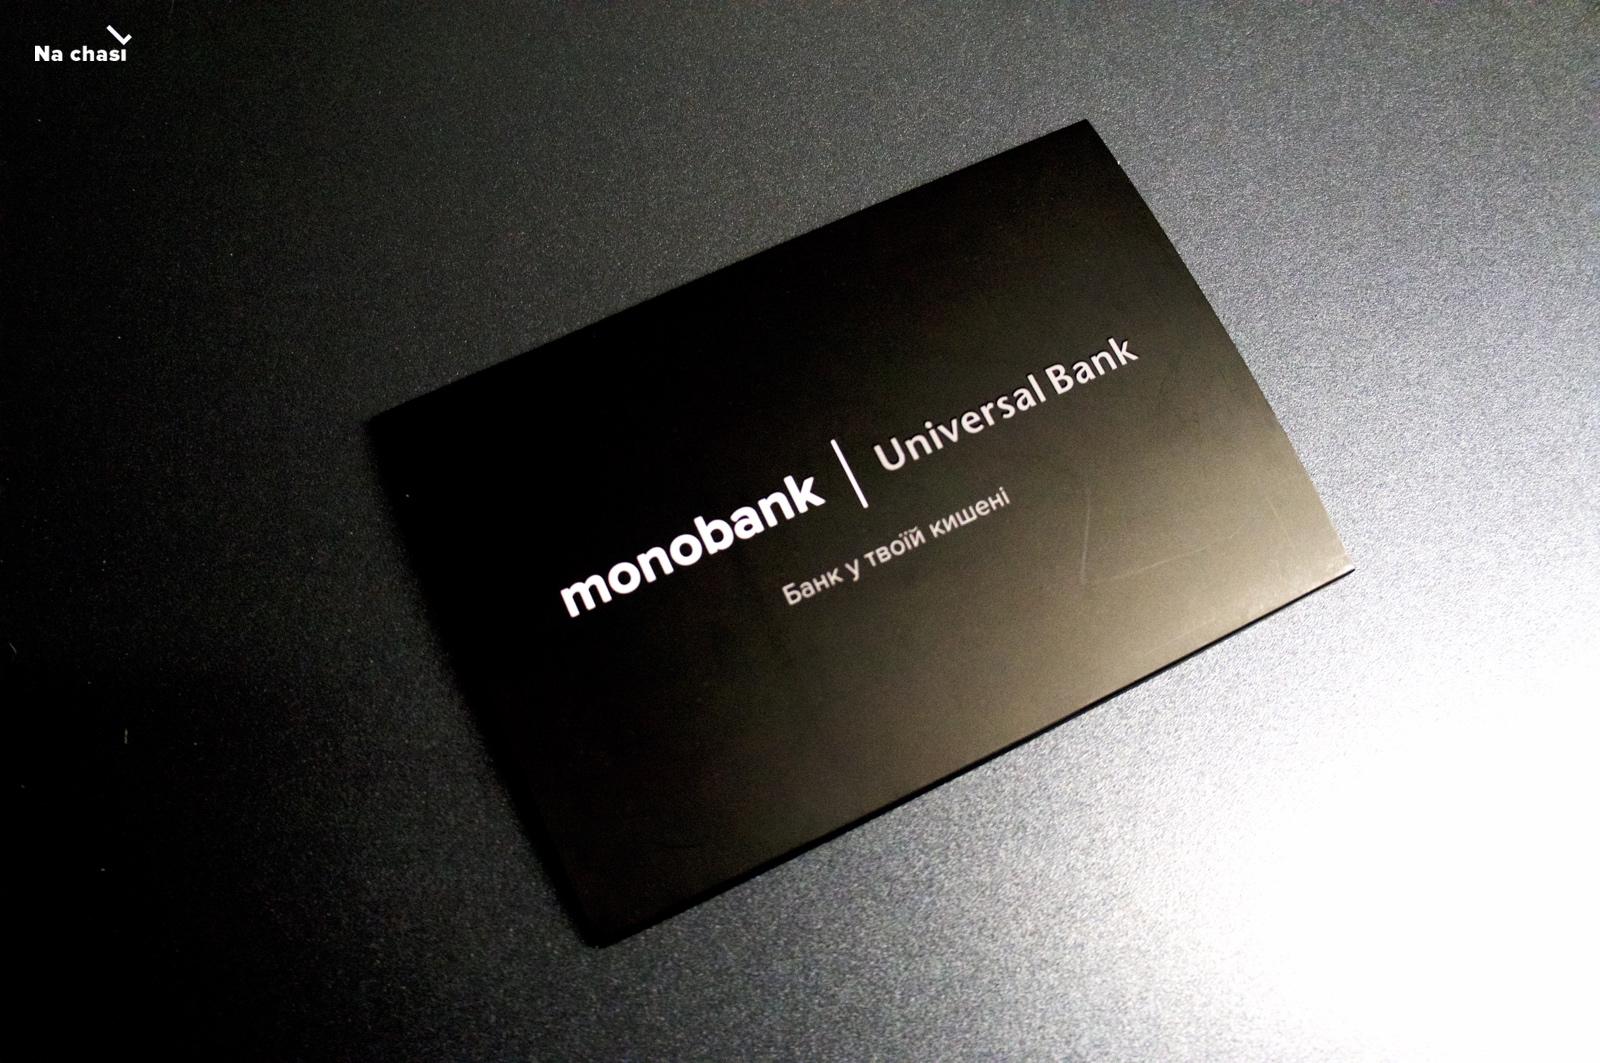 Monobank. Konvert, instrukcija, kartka ta stikery z QR-kotom. Do reči, dejaki z nyh vže v roboti